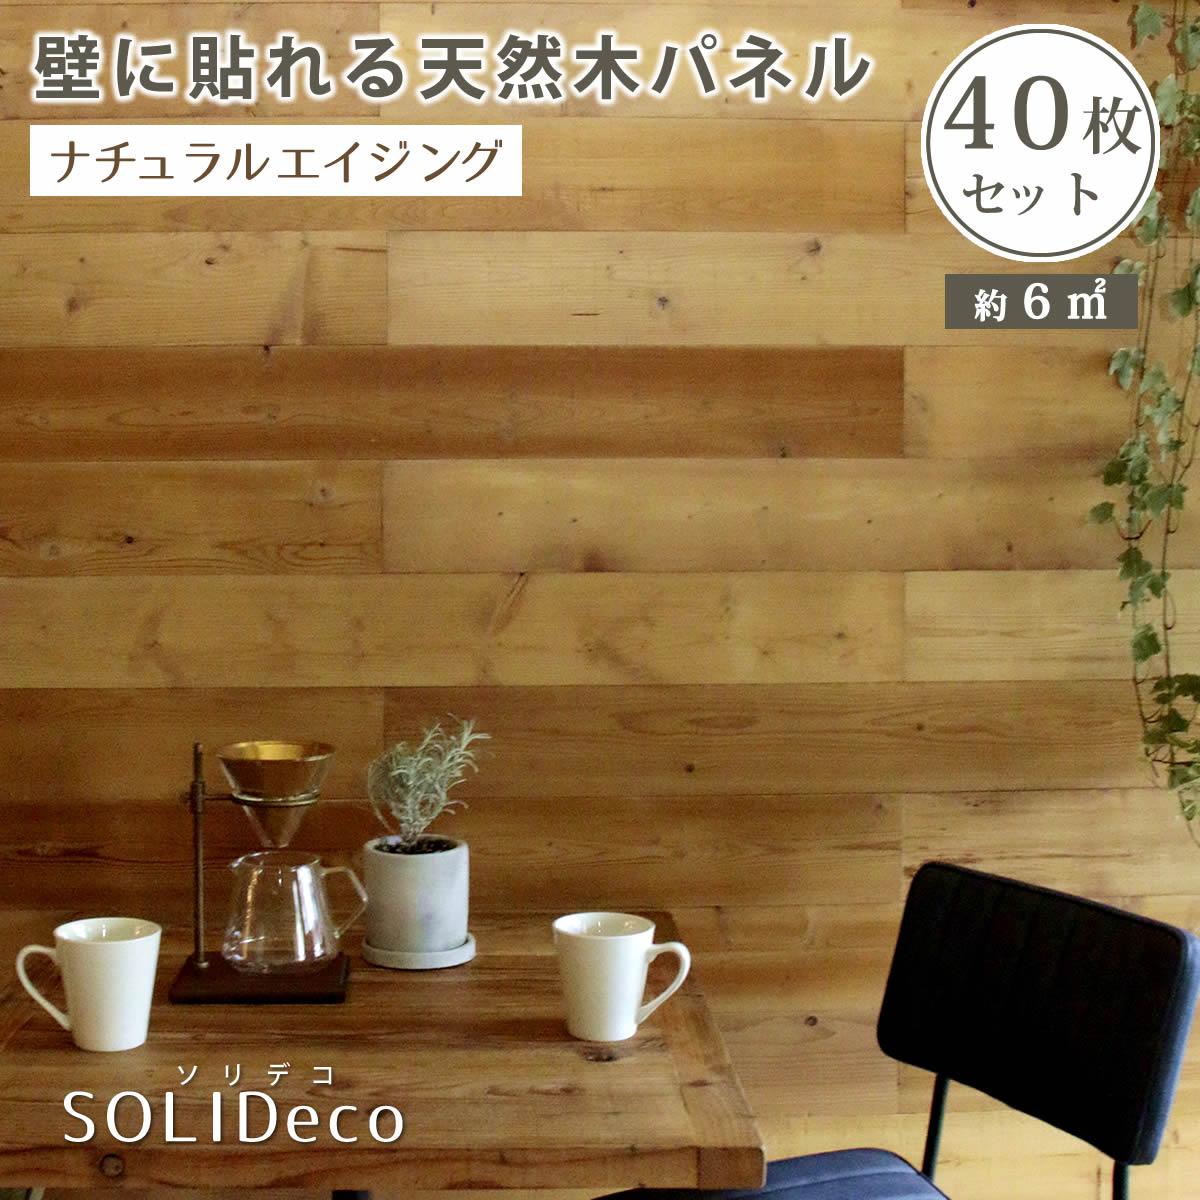 \300円引きクーポン進呈/SOLIDECO 壁に貼れる天然木パネル ナチュラルシリーズ (ナチュラルエイジング) 40枚組 (約6m2)送料無料 SLDC-40P-002AGE 壁パネル ウォールパネル ウッドパネル DIY 壁紙